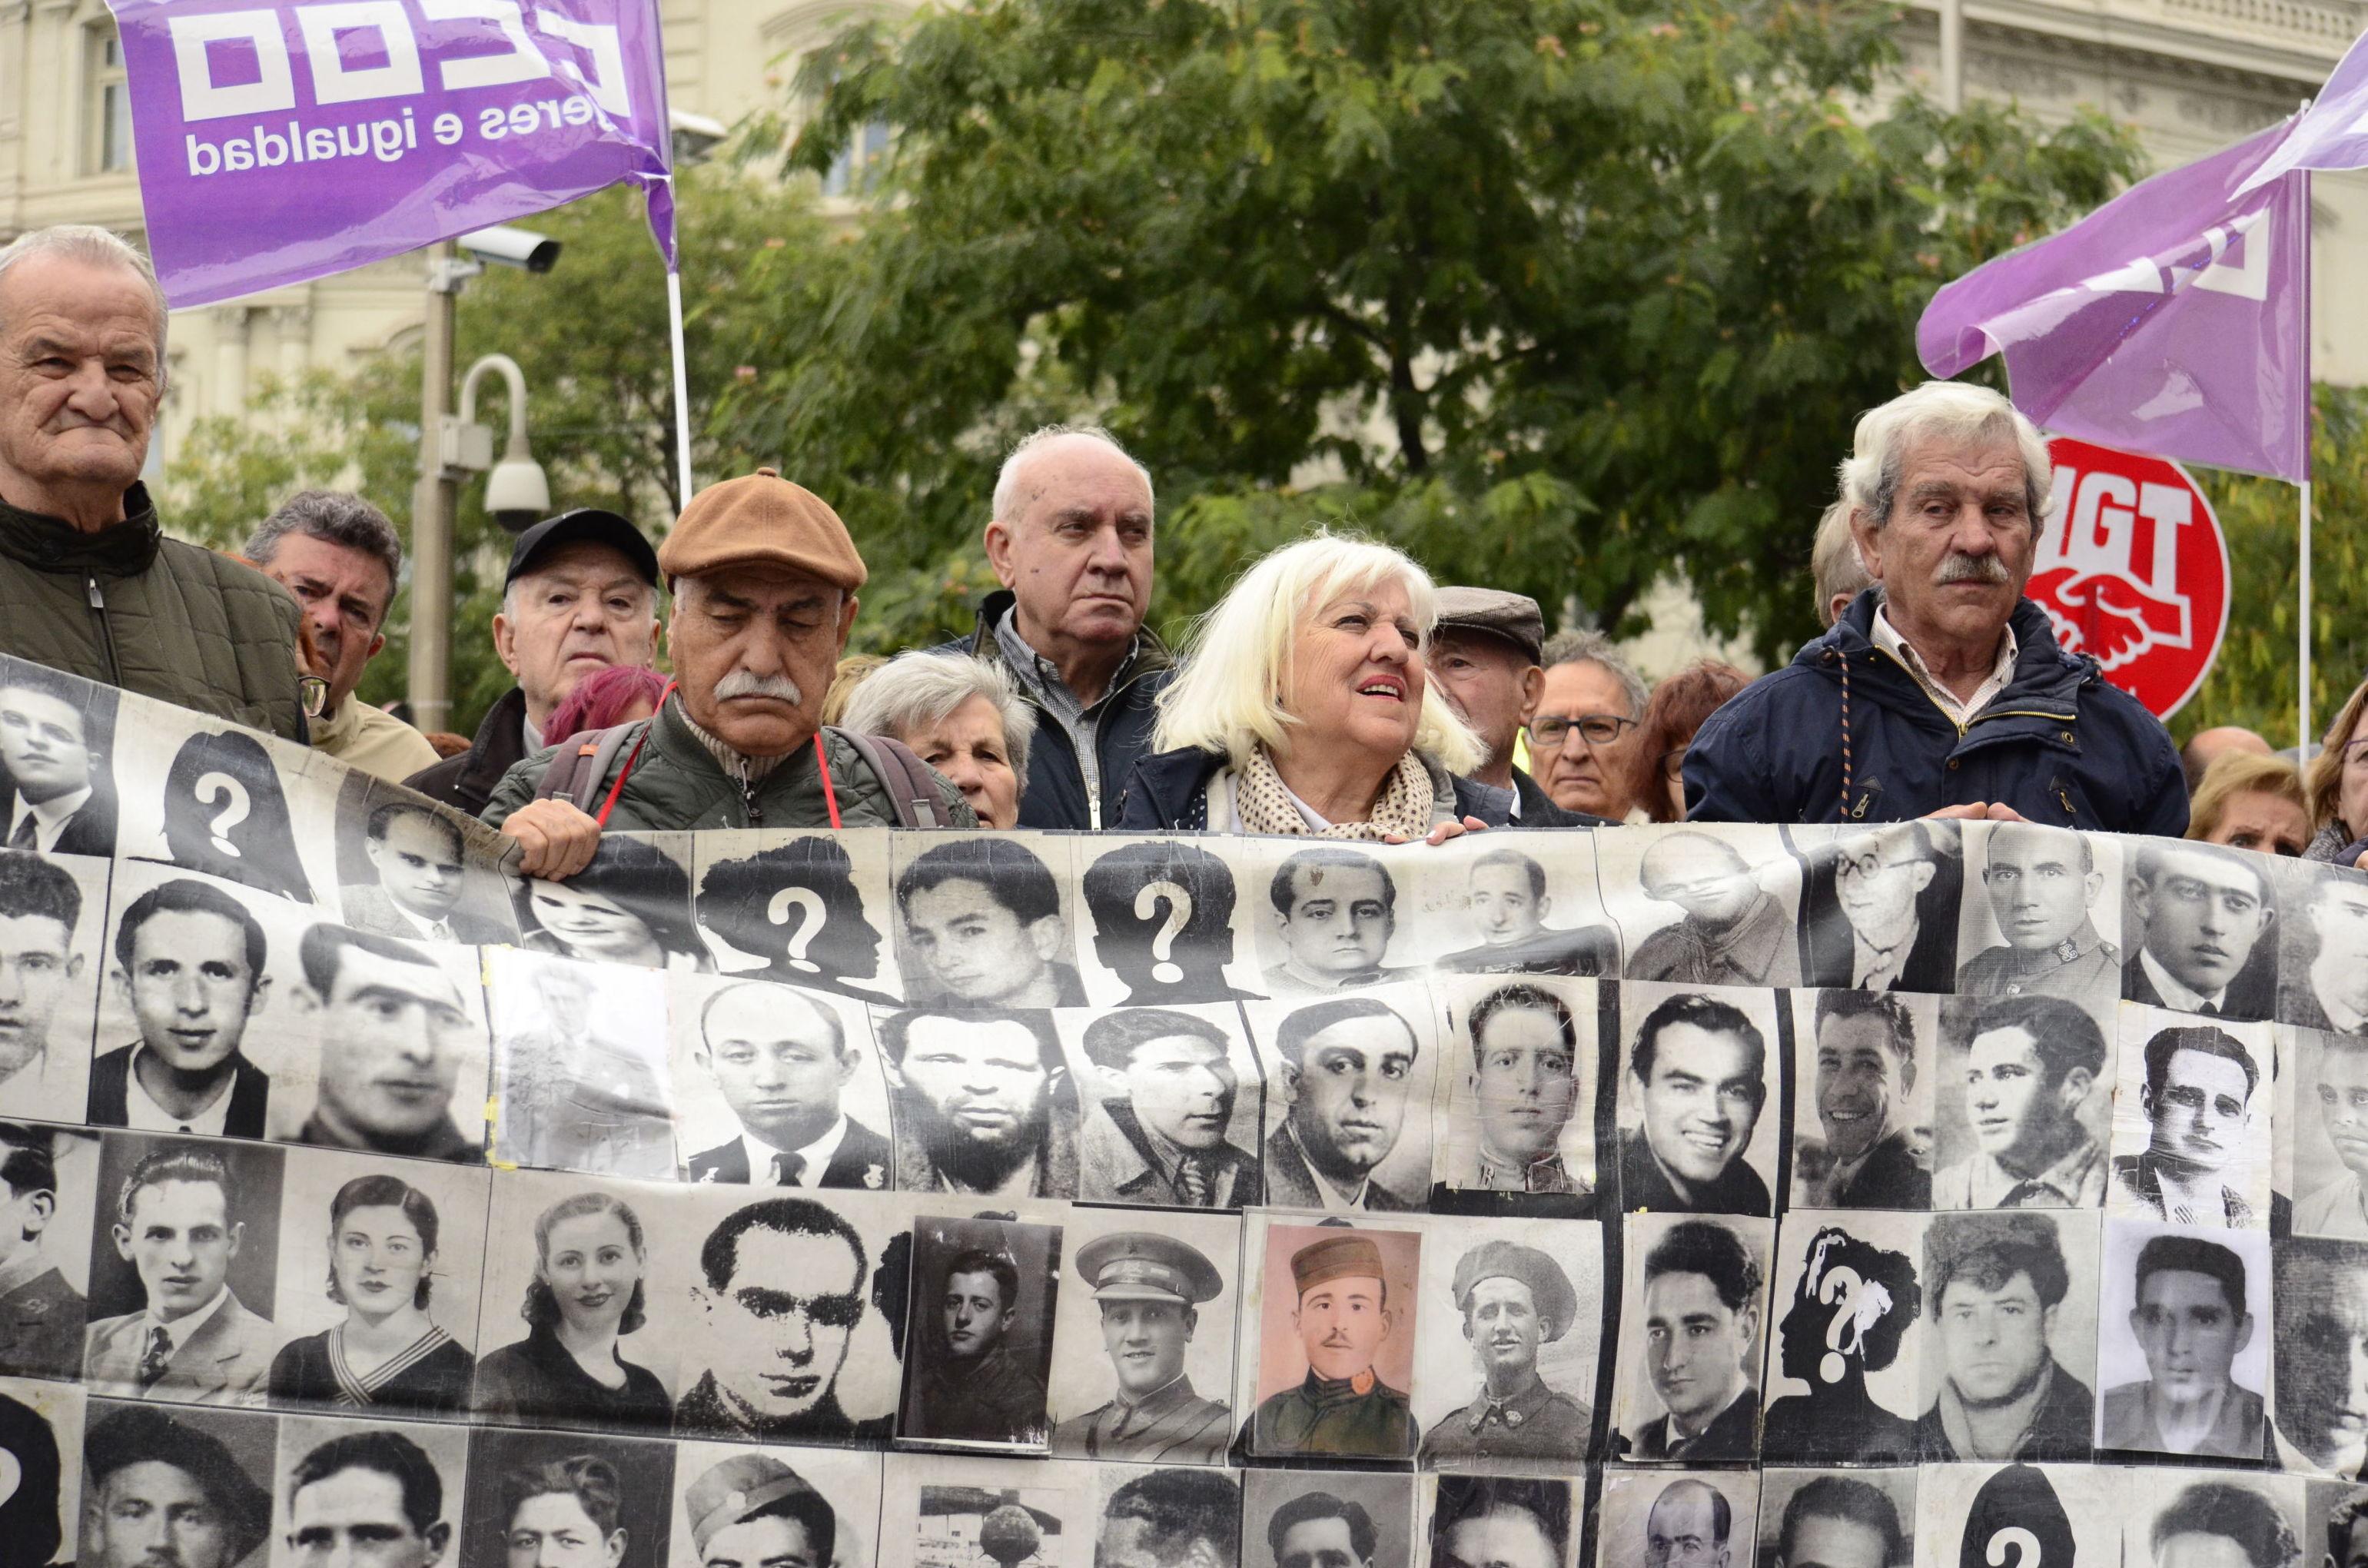 Descendientes de las víctimas del franquismo manifiestan por restablecer la justicia histórica en el caso de 13 rosas